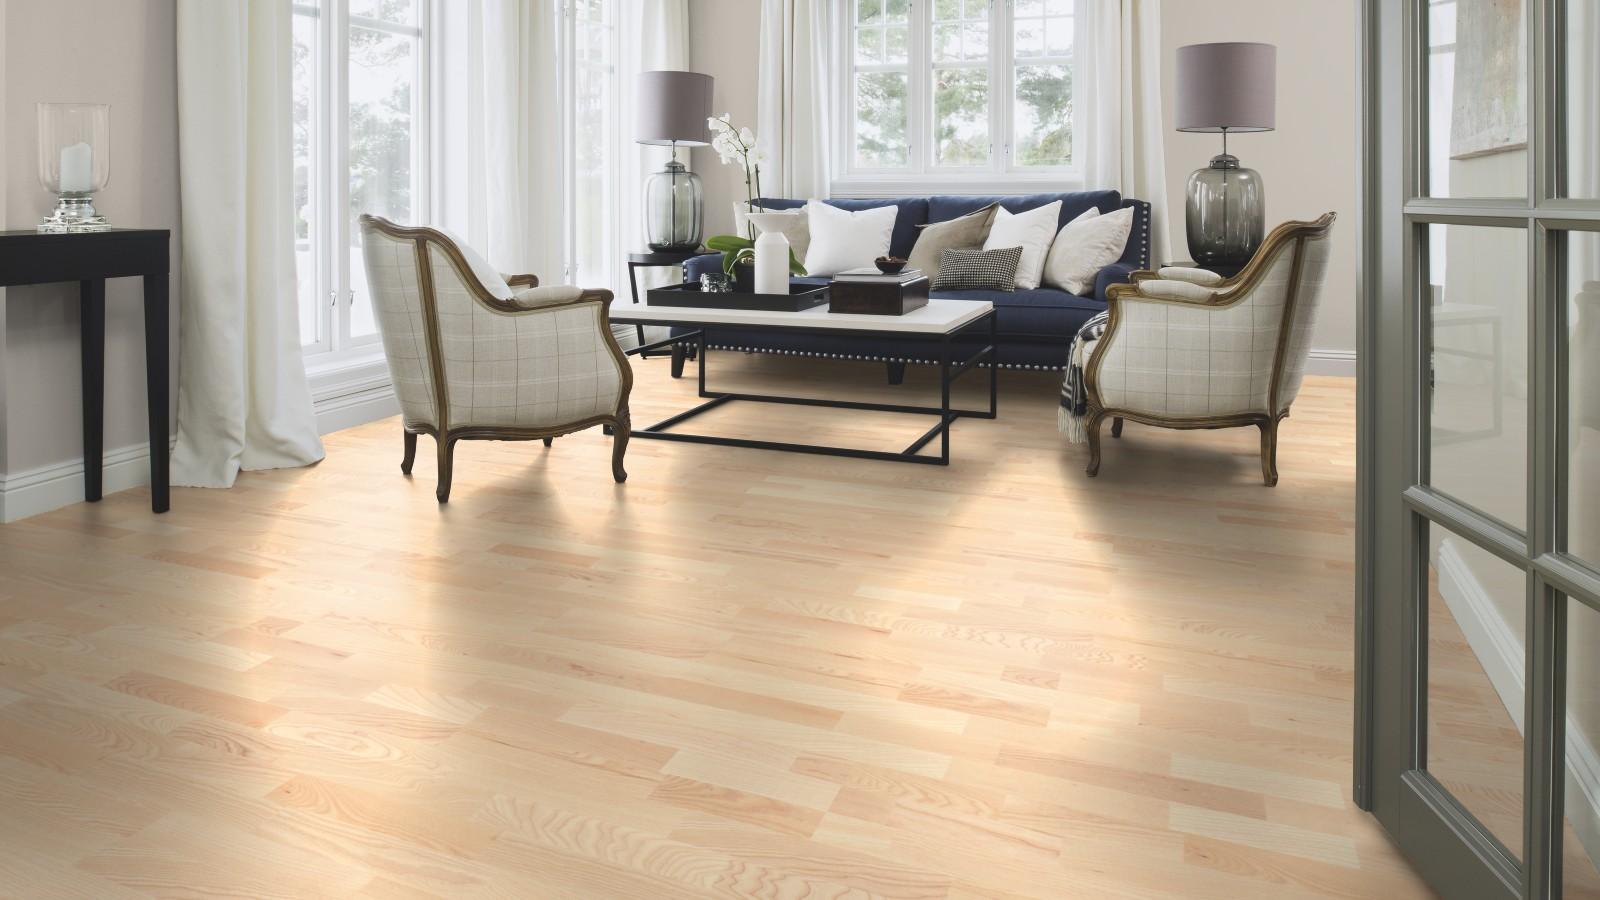 seite 11 mattlack parkett online kaufen daedelow parkett. Black Bedroom Furniture Sets. Home Design Ideas